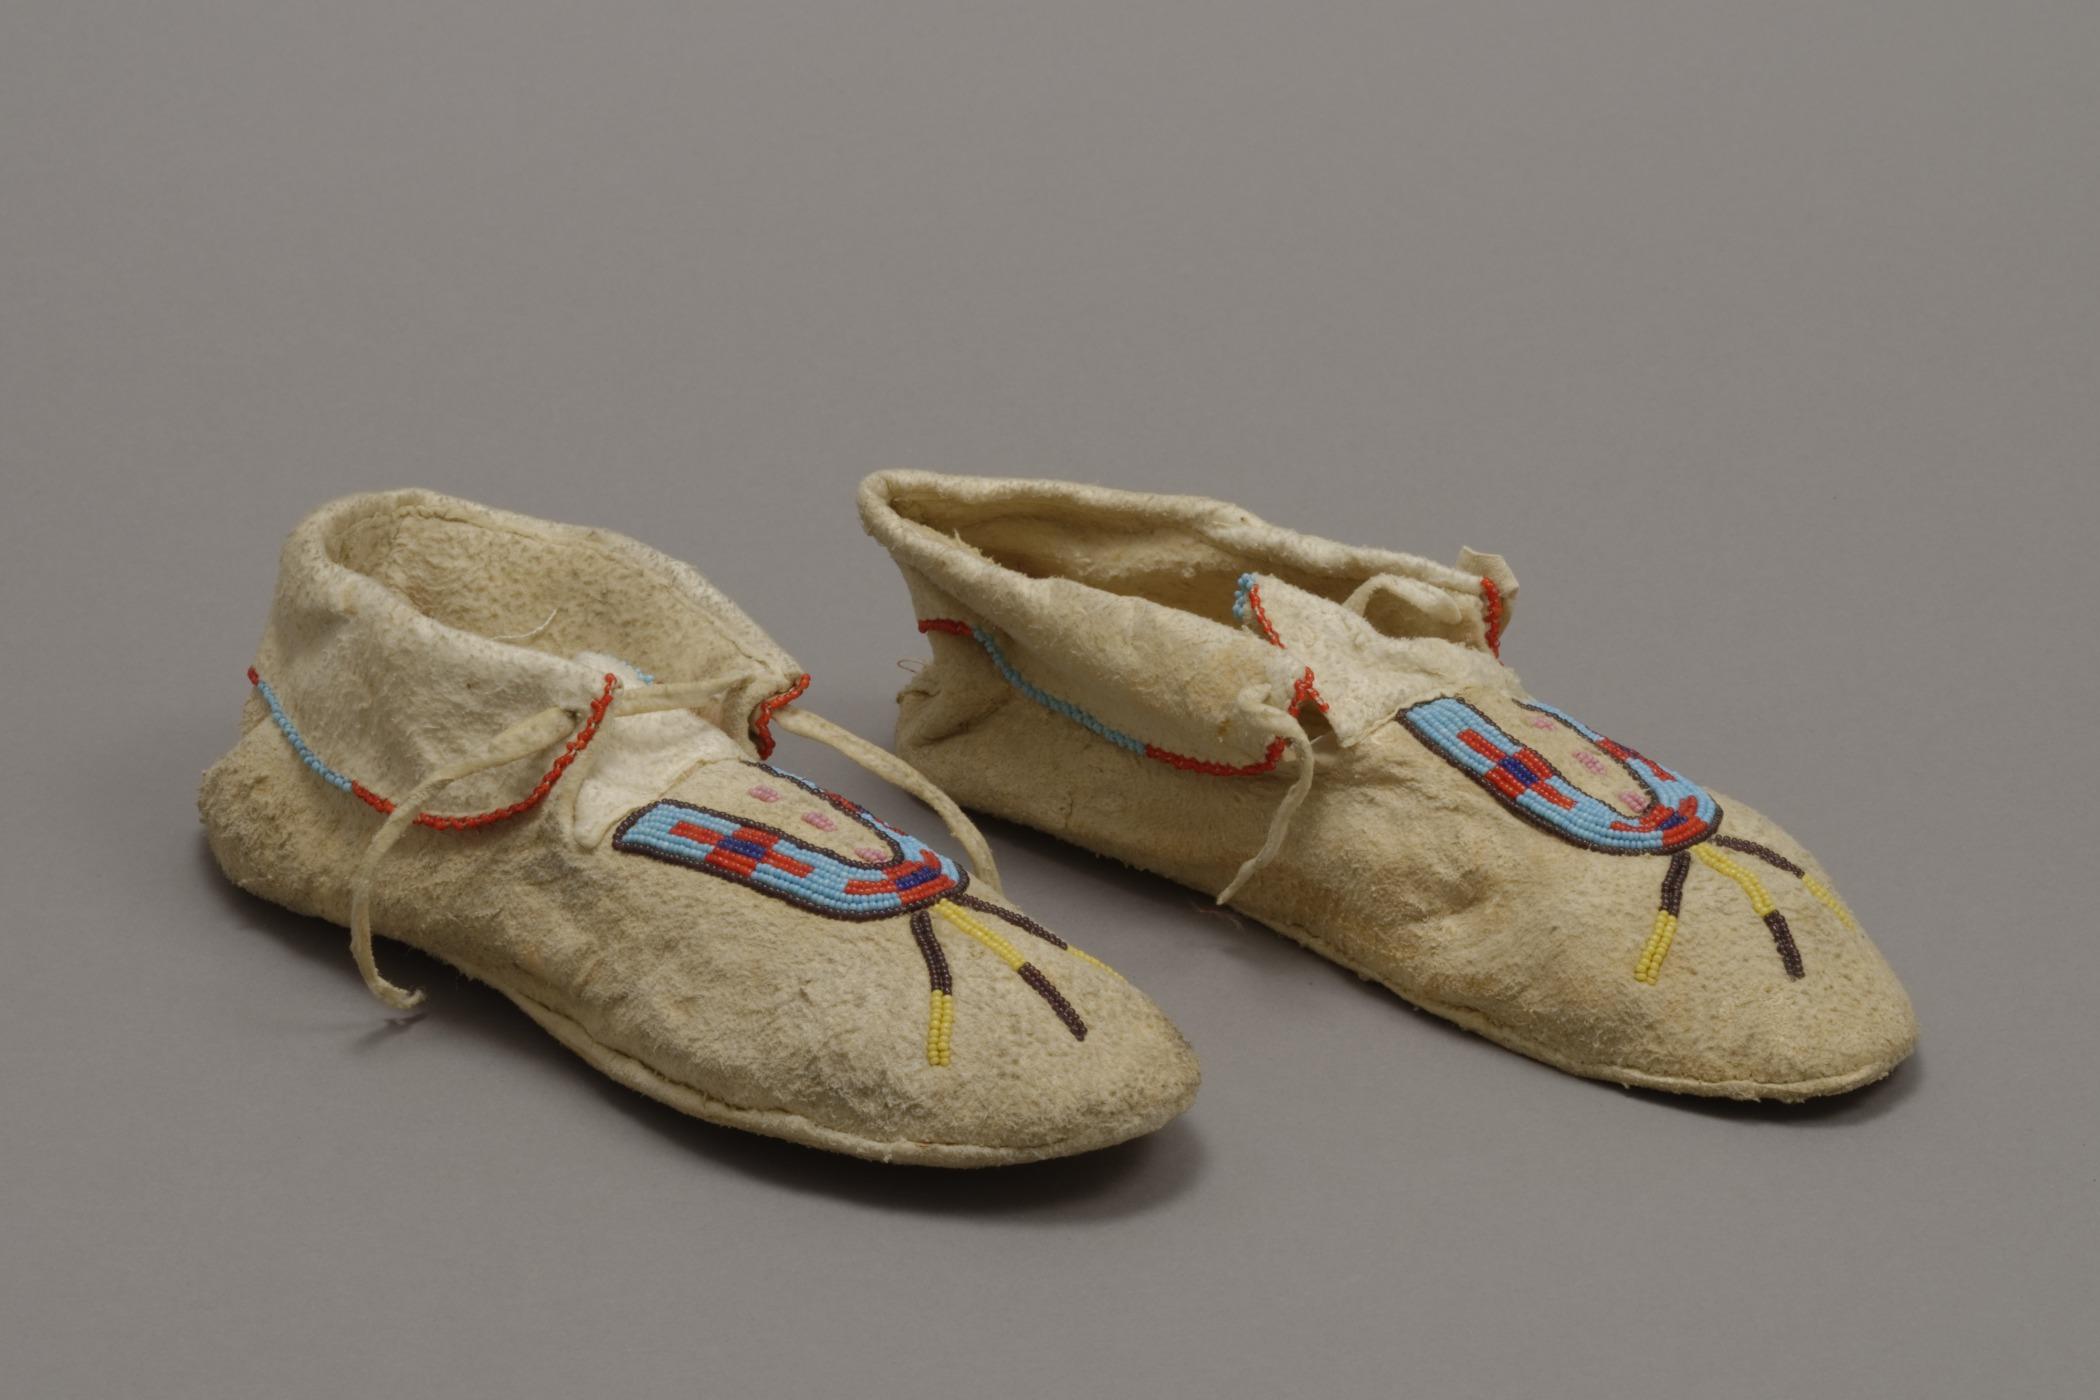 Niitsitapii (Blackfoot/Blackfeet)